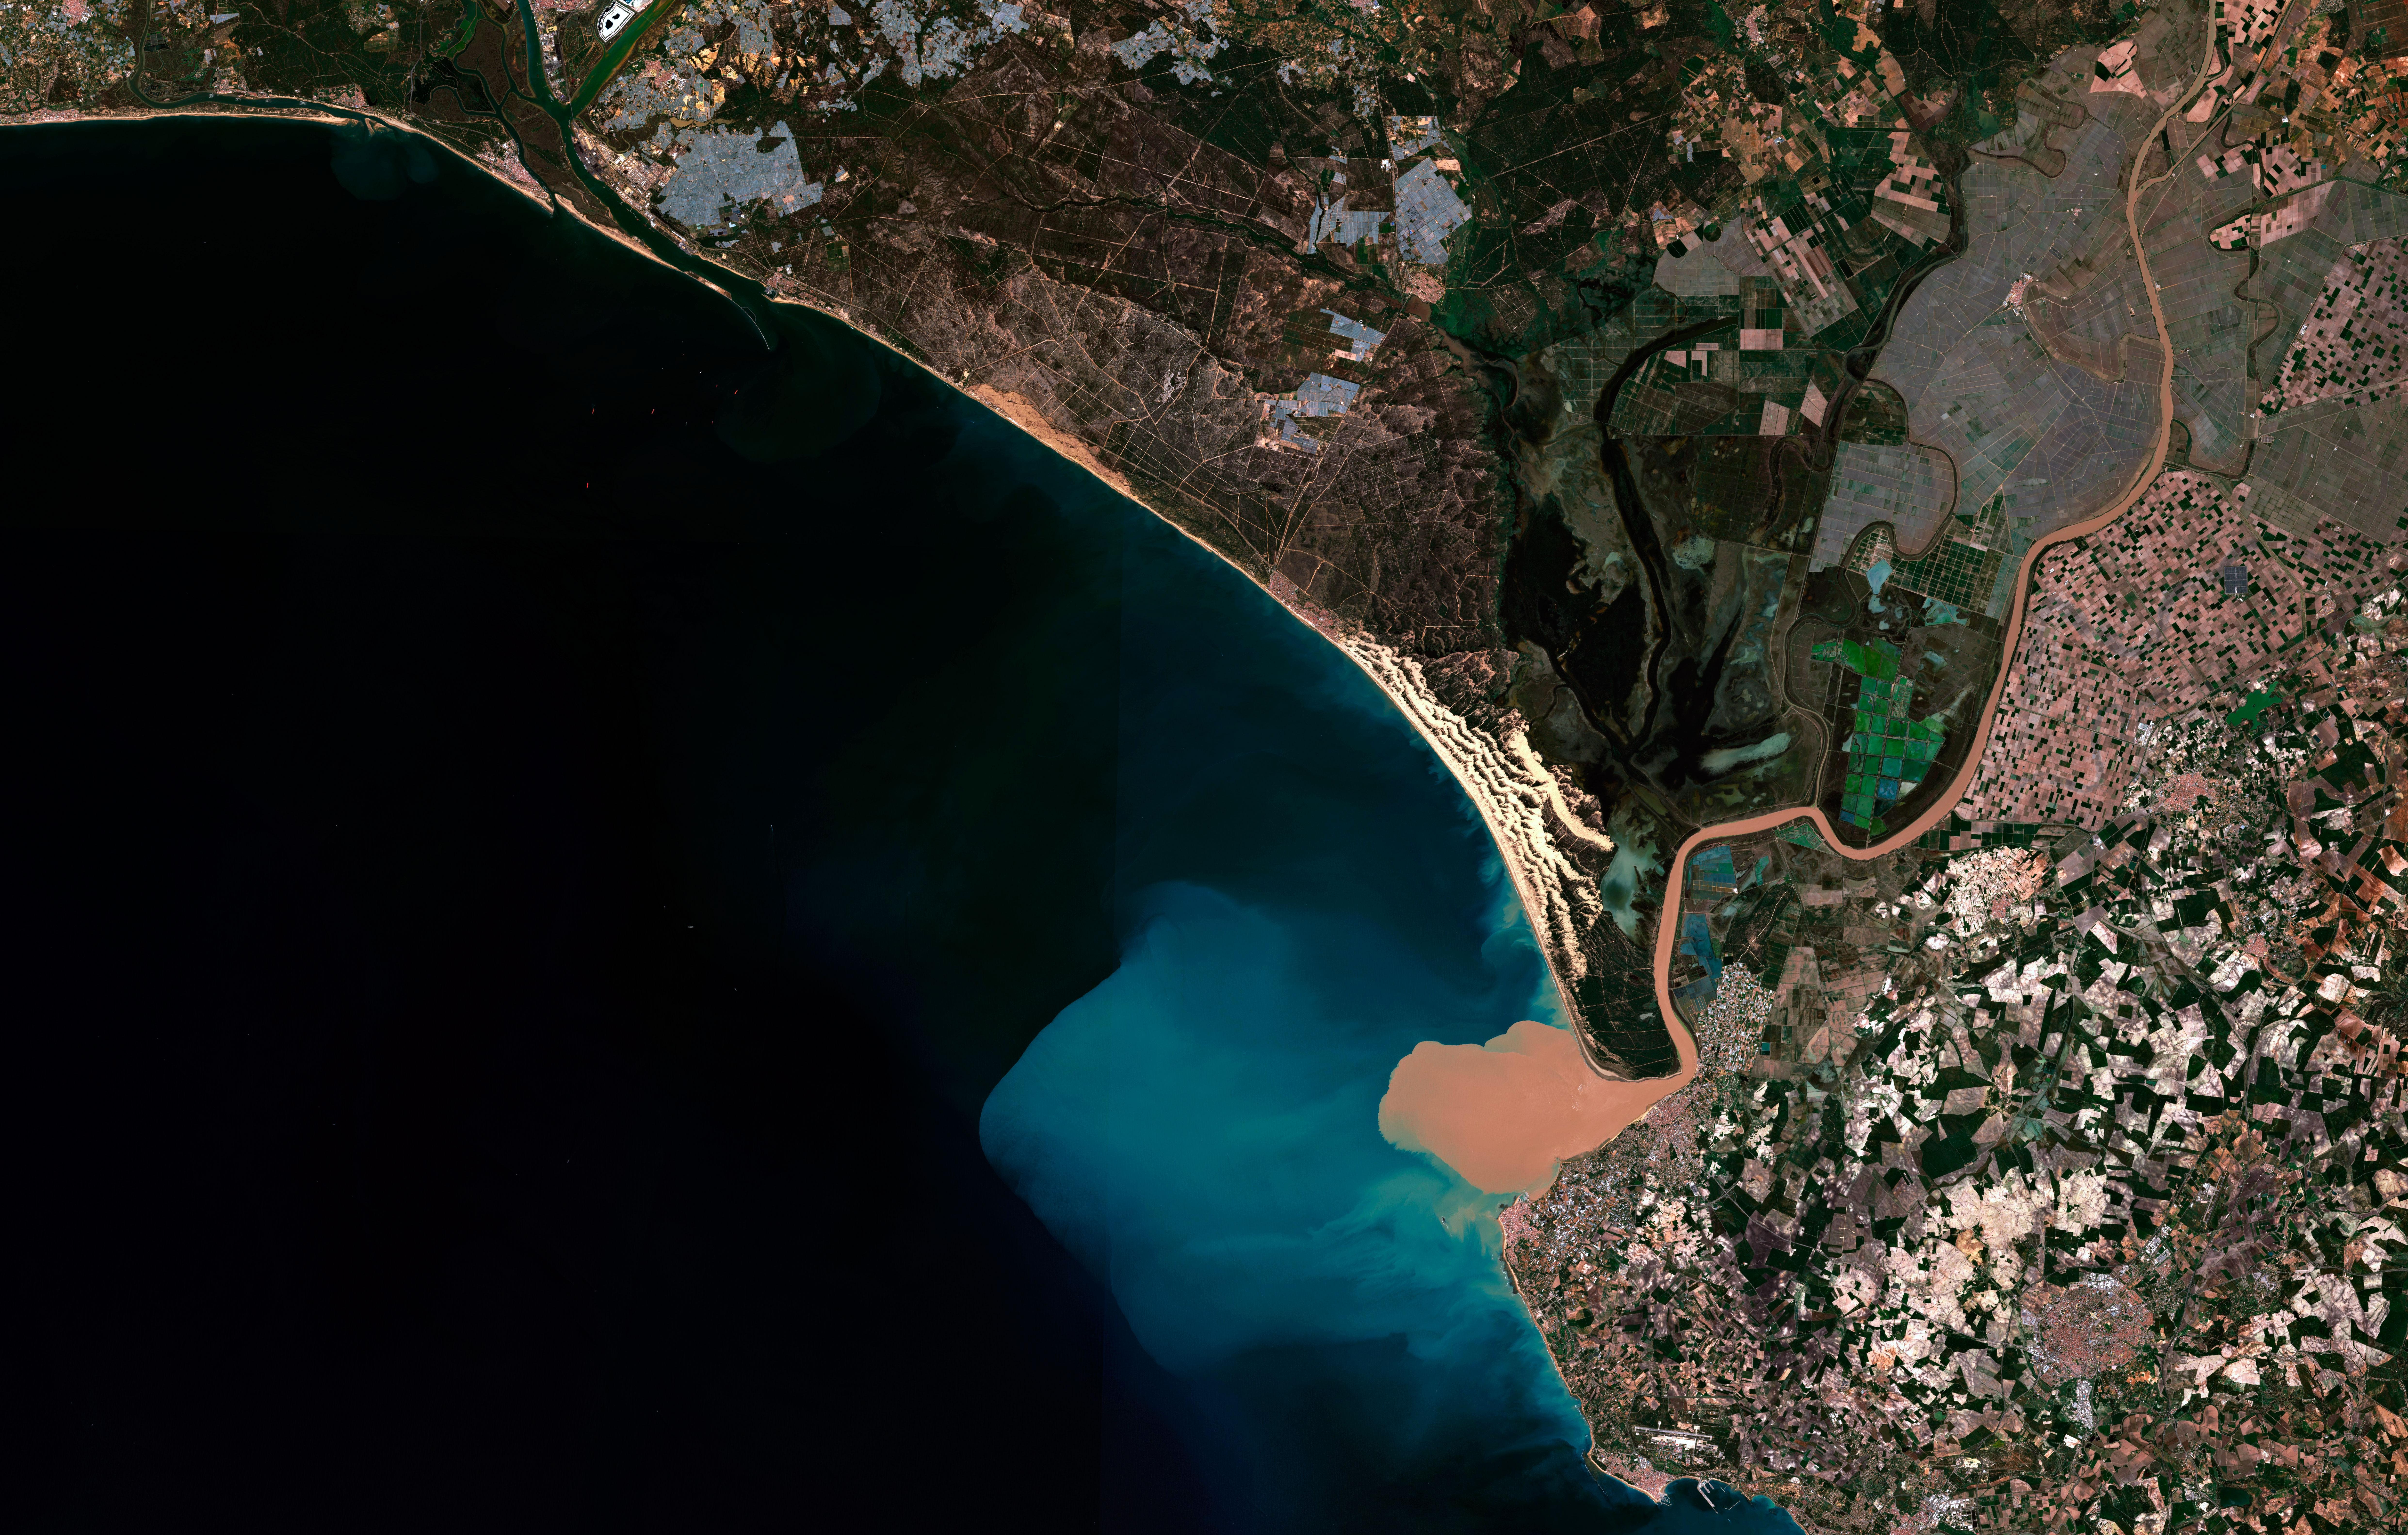 """Ramsar Doñana, Cádiz (37°2'28.58""""N, 6°29'37.52""""O), Sentinel 2 (17-04-2018)"""